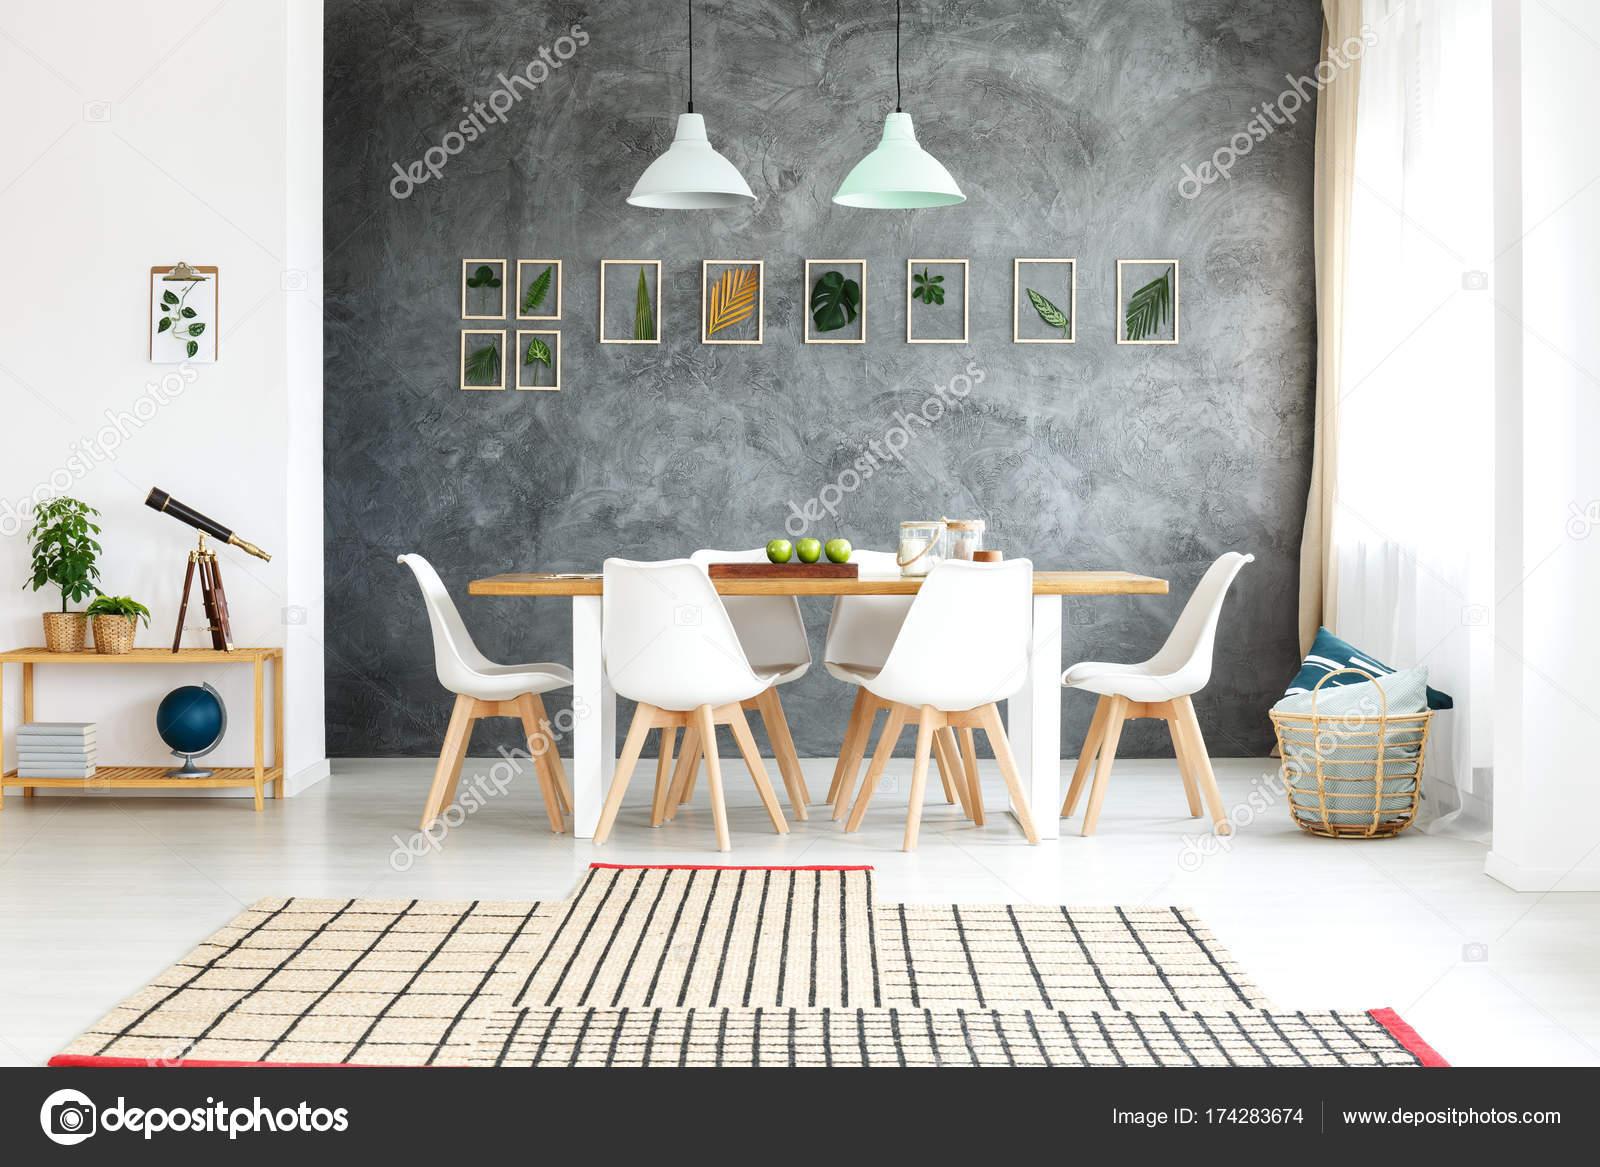 Loft-Interieur mit botanischen Dekorationen — Stockfoto ...